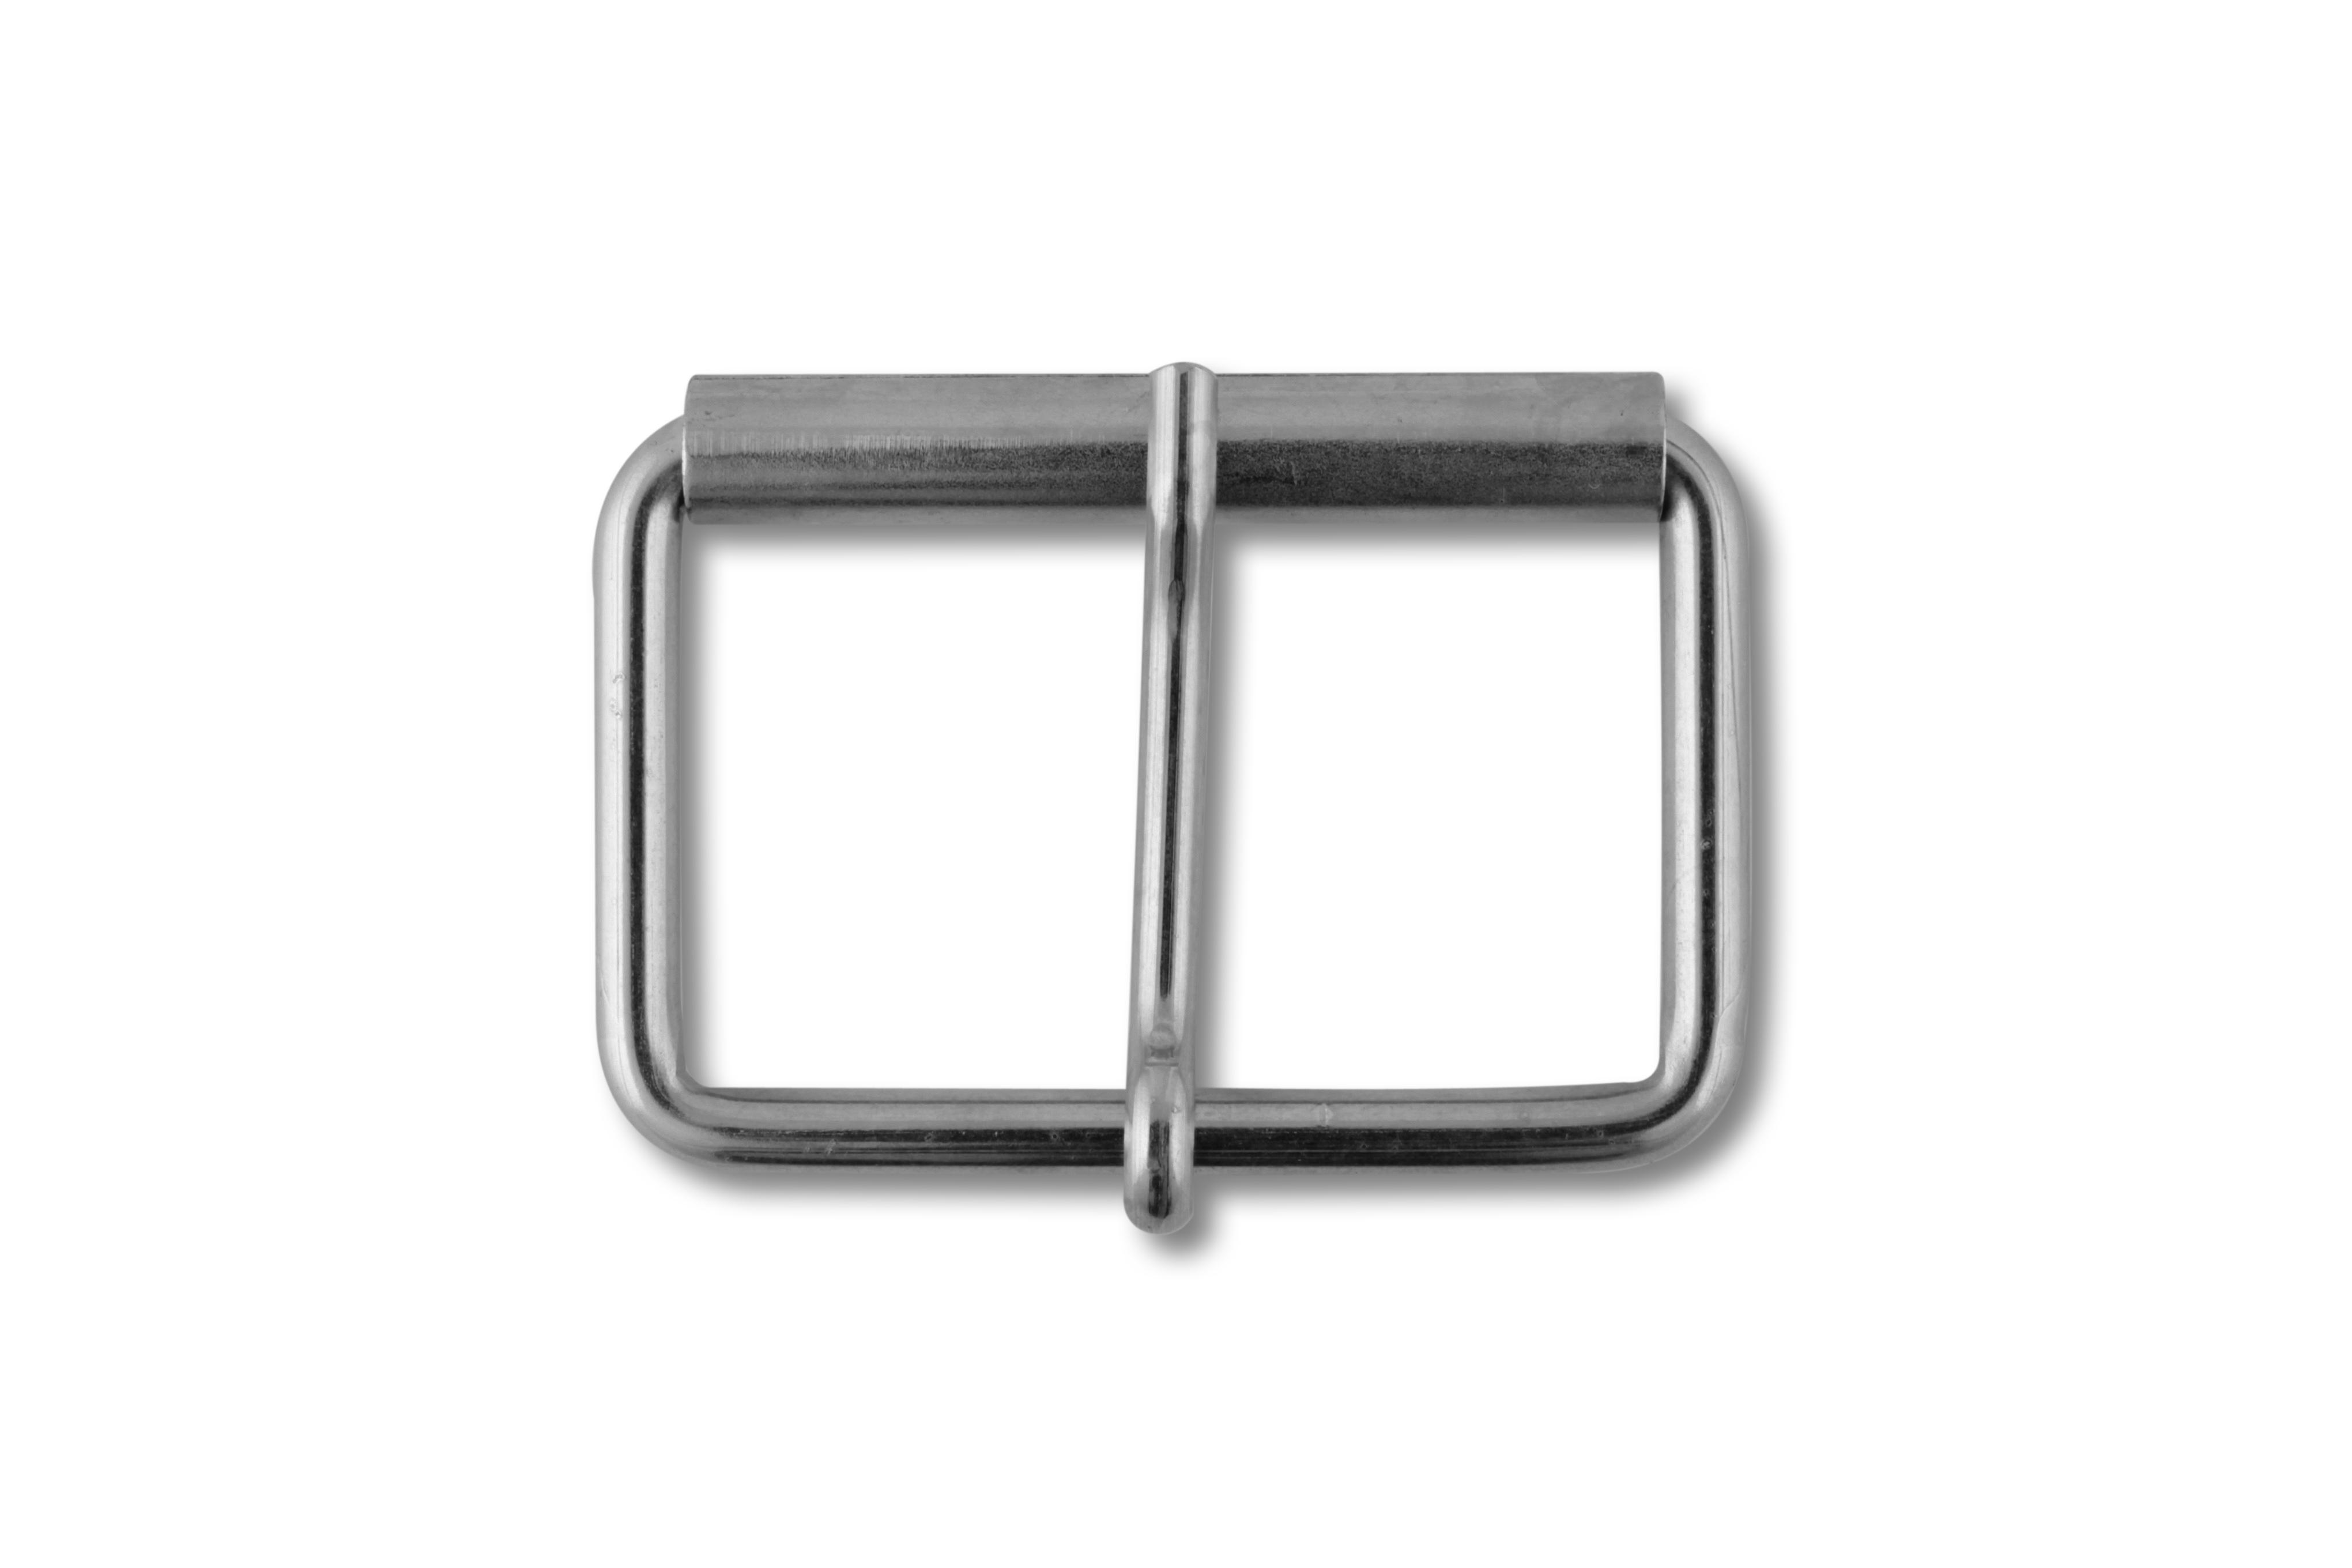 prezzo più economico immagini dettagliate prezzo ufficiale GR Minuterie Metalliche | 36 Fibbia a rullo 100mm GR Minuterie